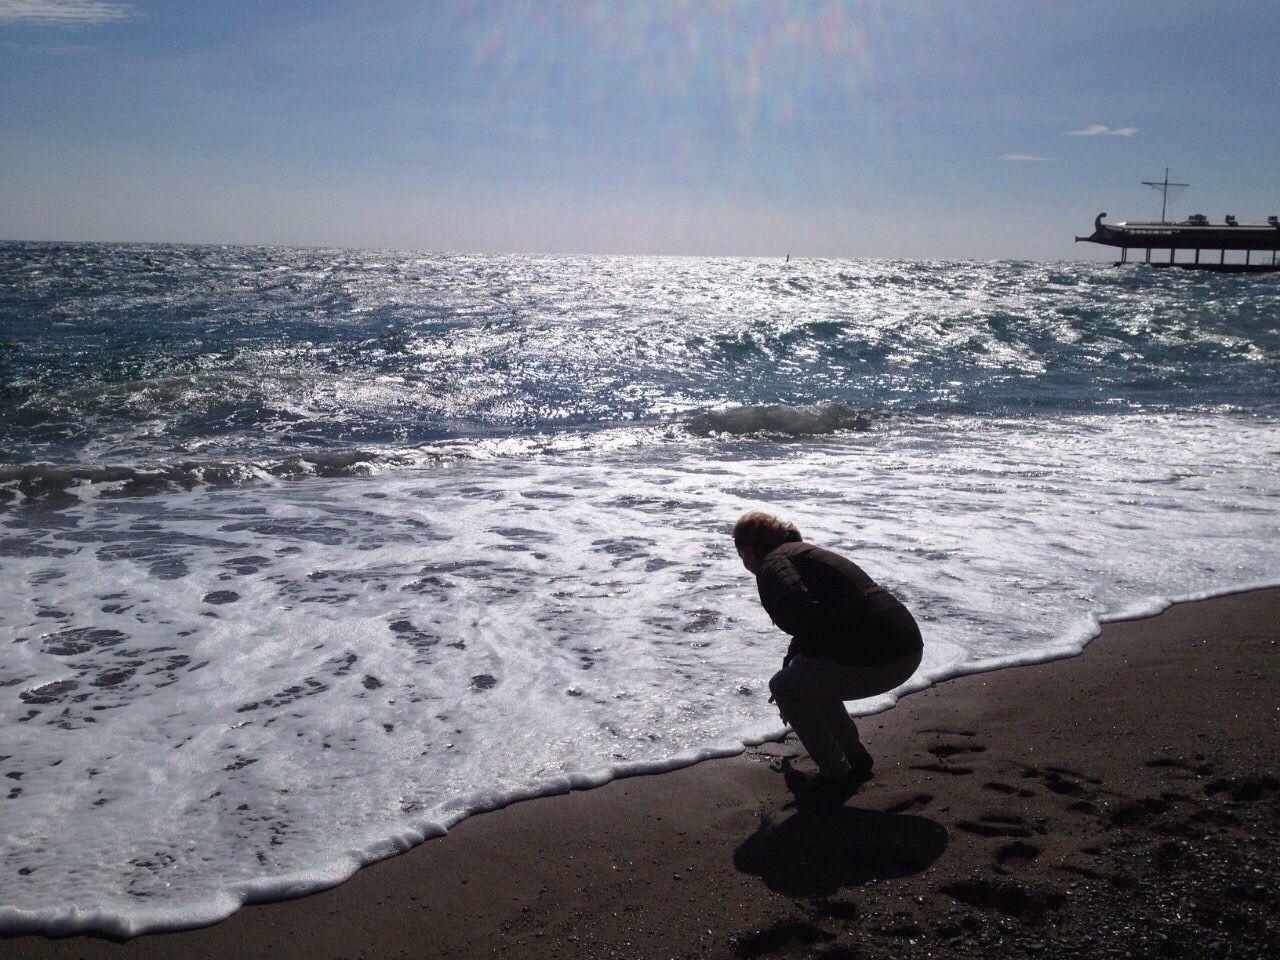 Крым, Ялта, осень. Crimea, Yalta, autumn. Crimea Yalta Autumn Blacksea Sea